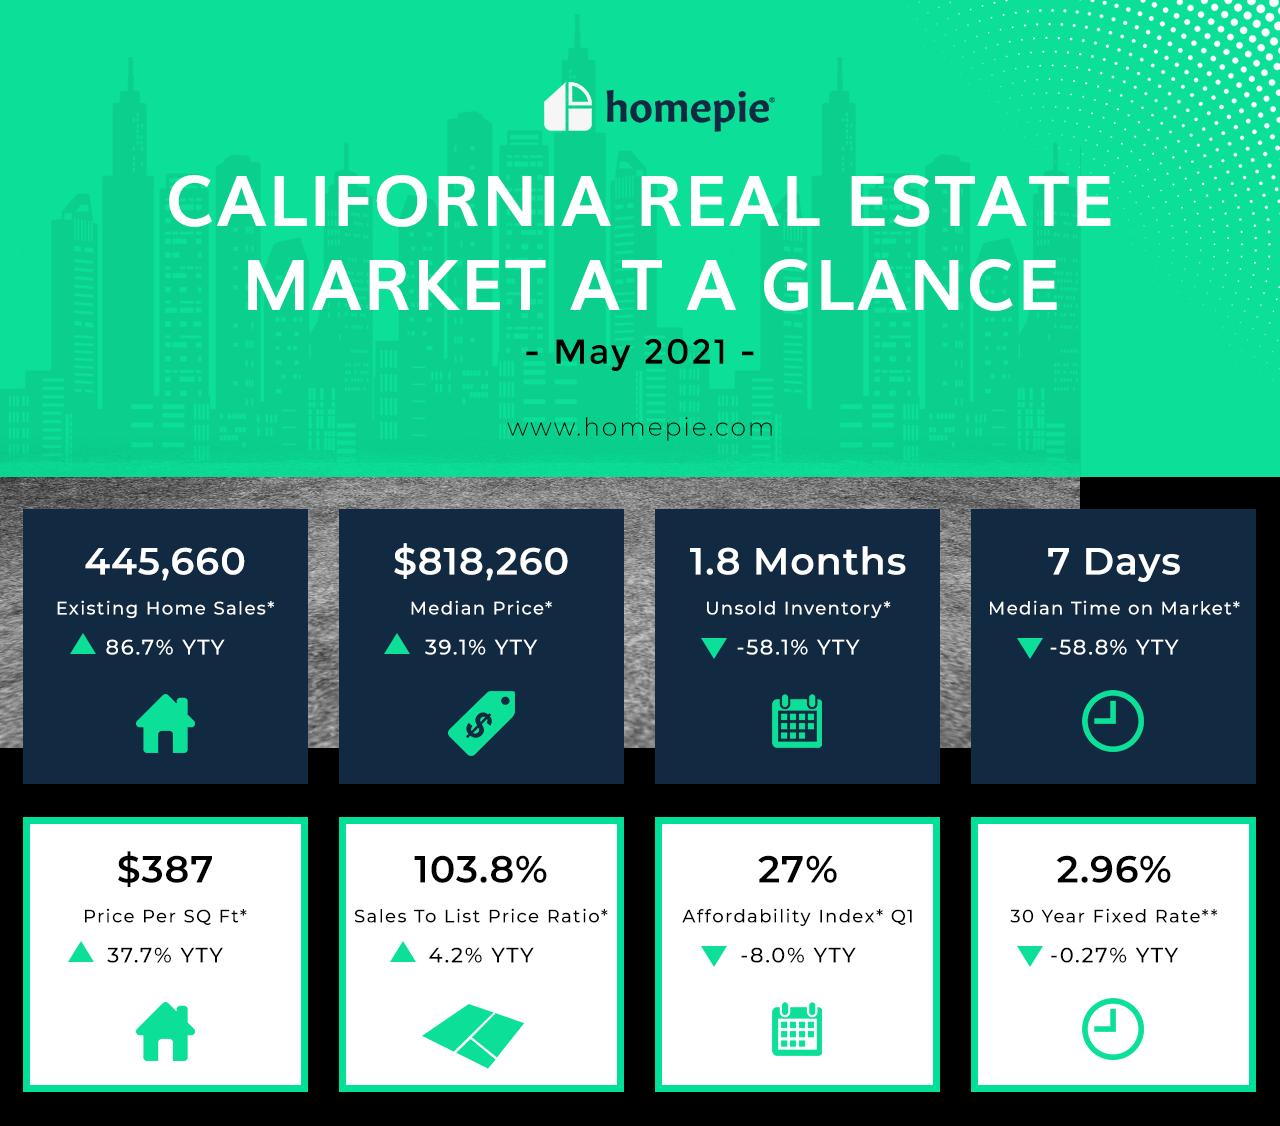 California Real Estate - Market at a Glance - May 2021